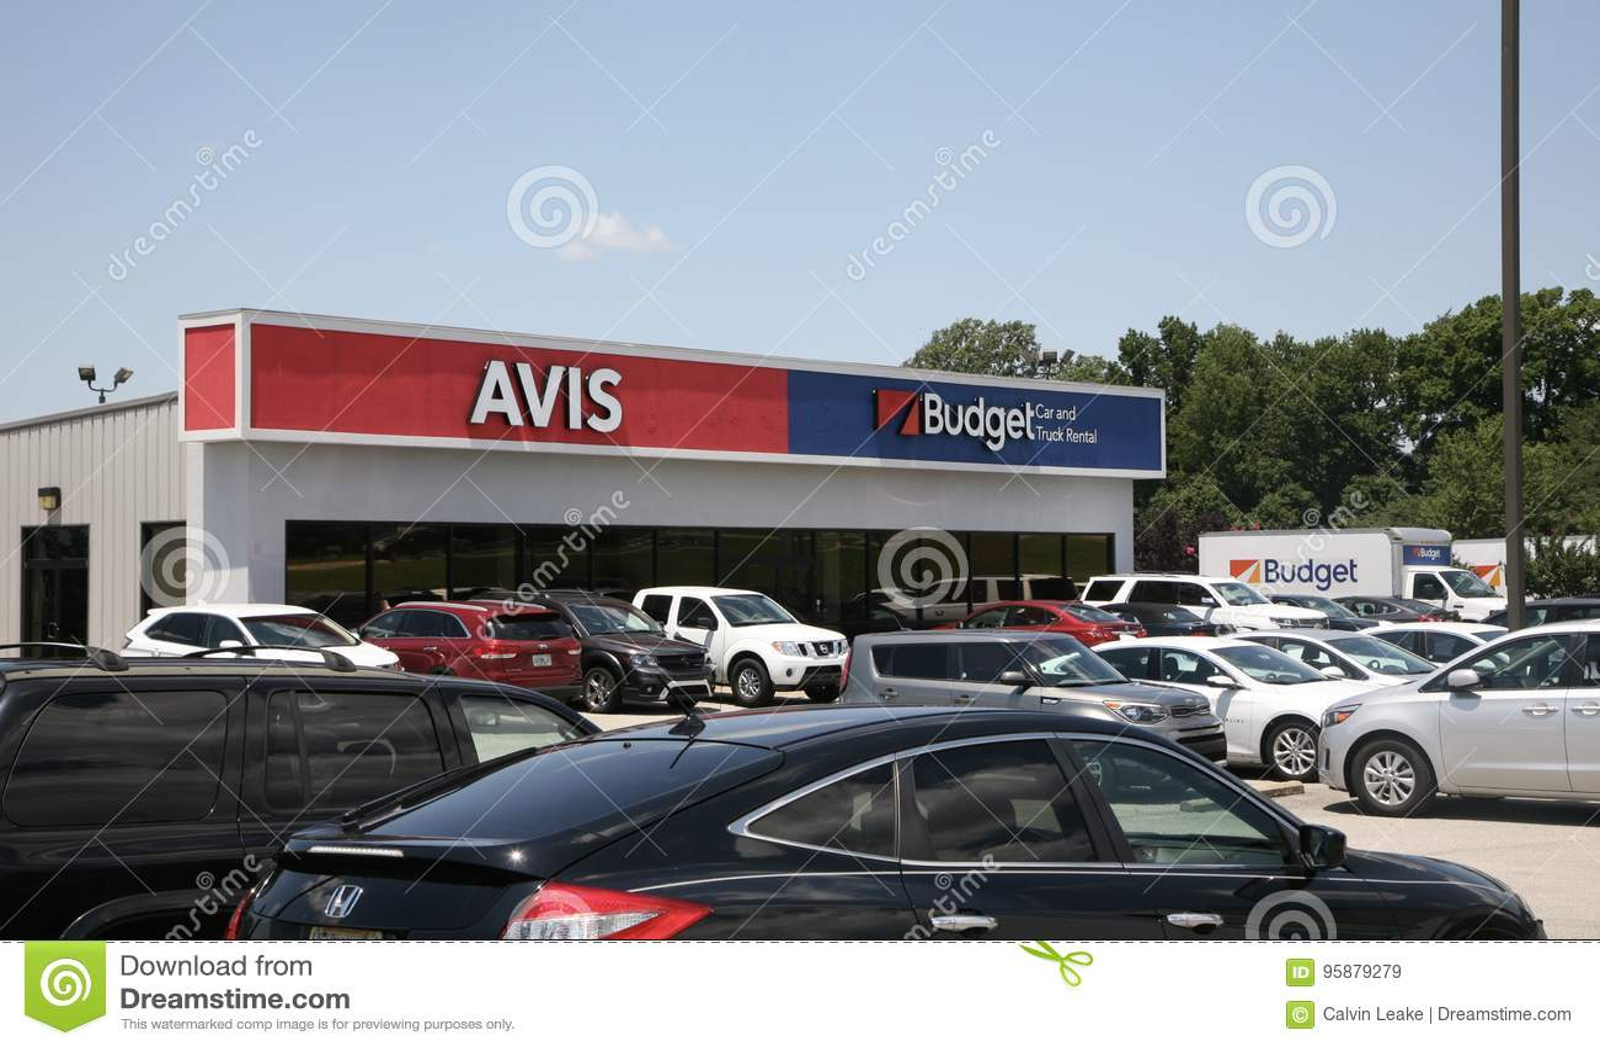 Avis i Budżetujący Samochód Wynajem Firma